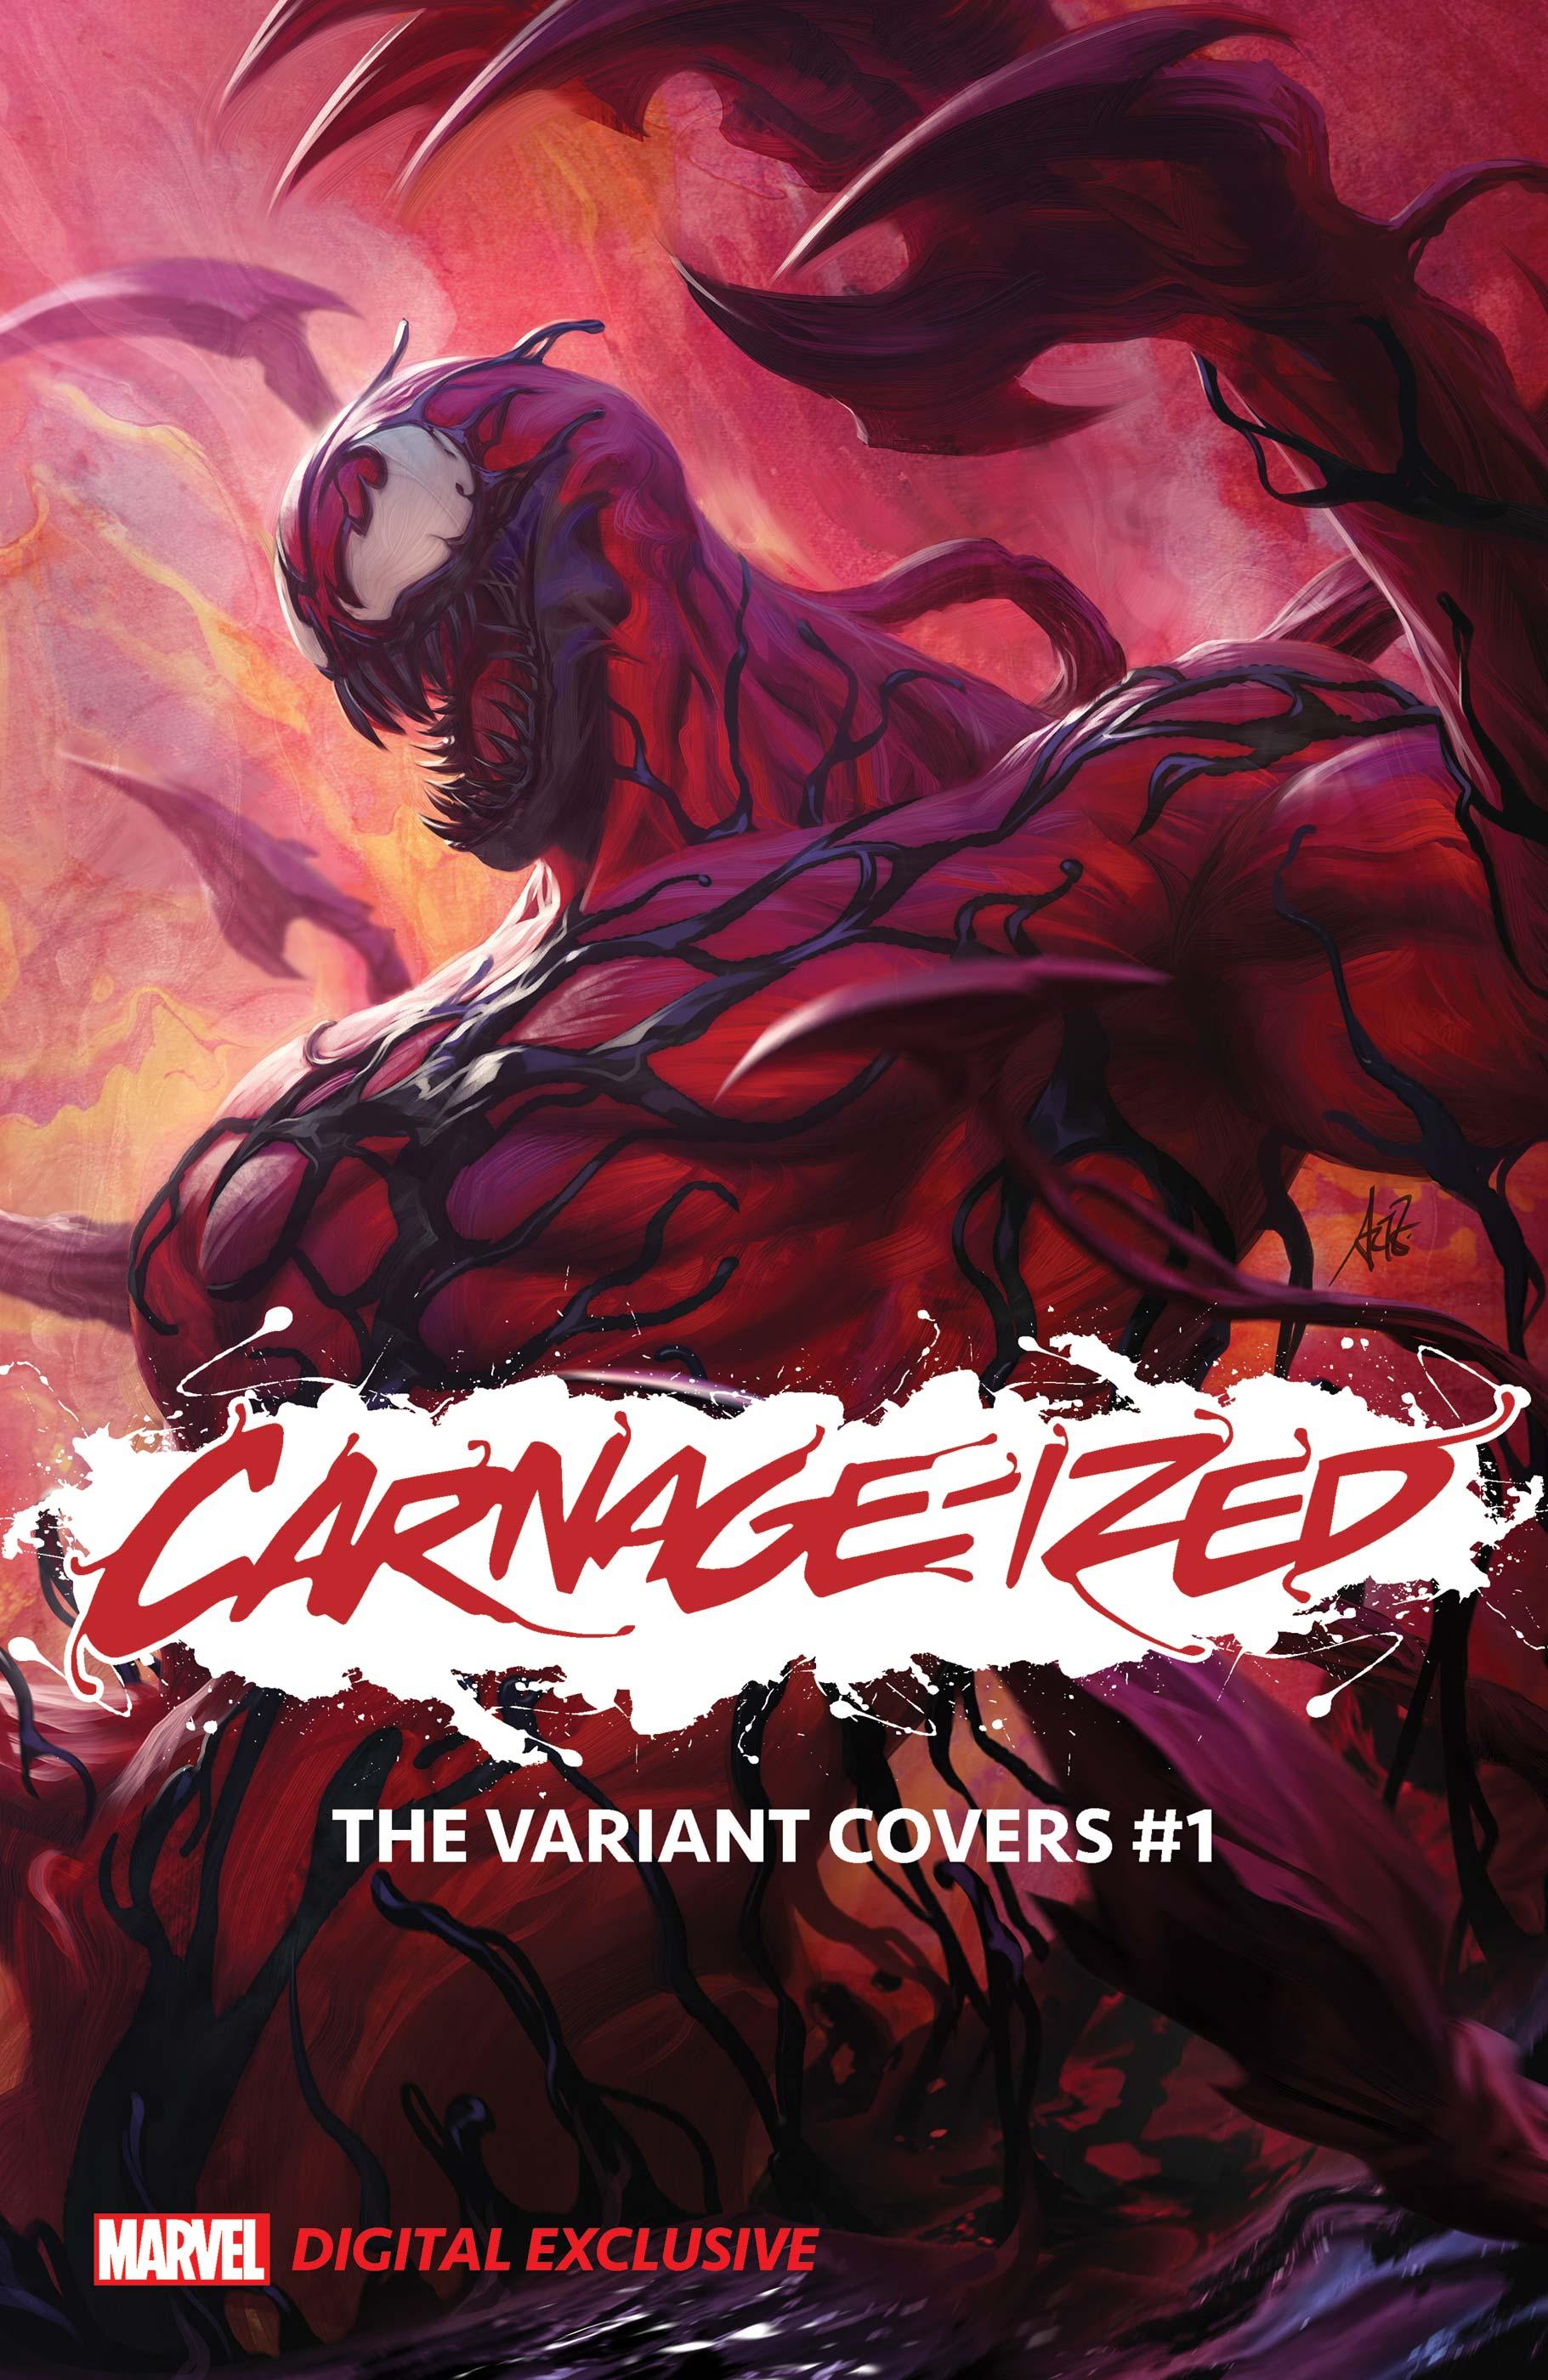 Carnage-ized Variants (2020) #1